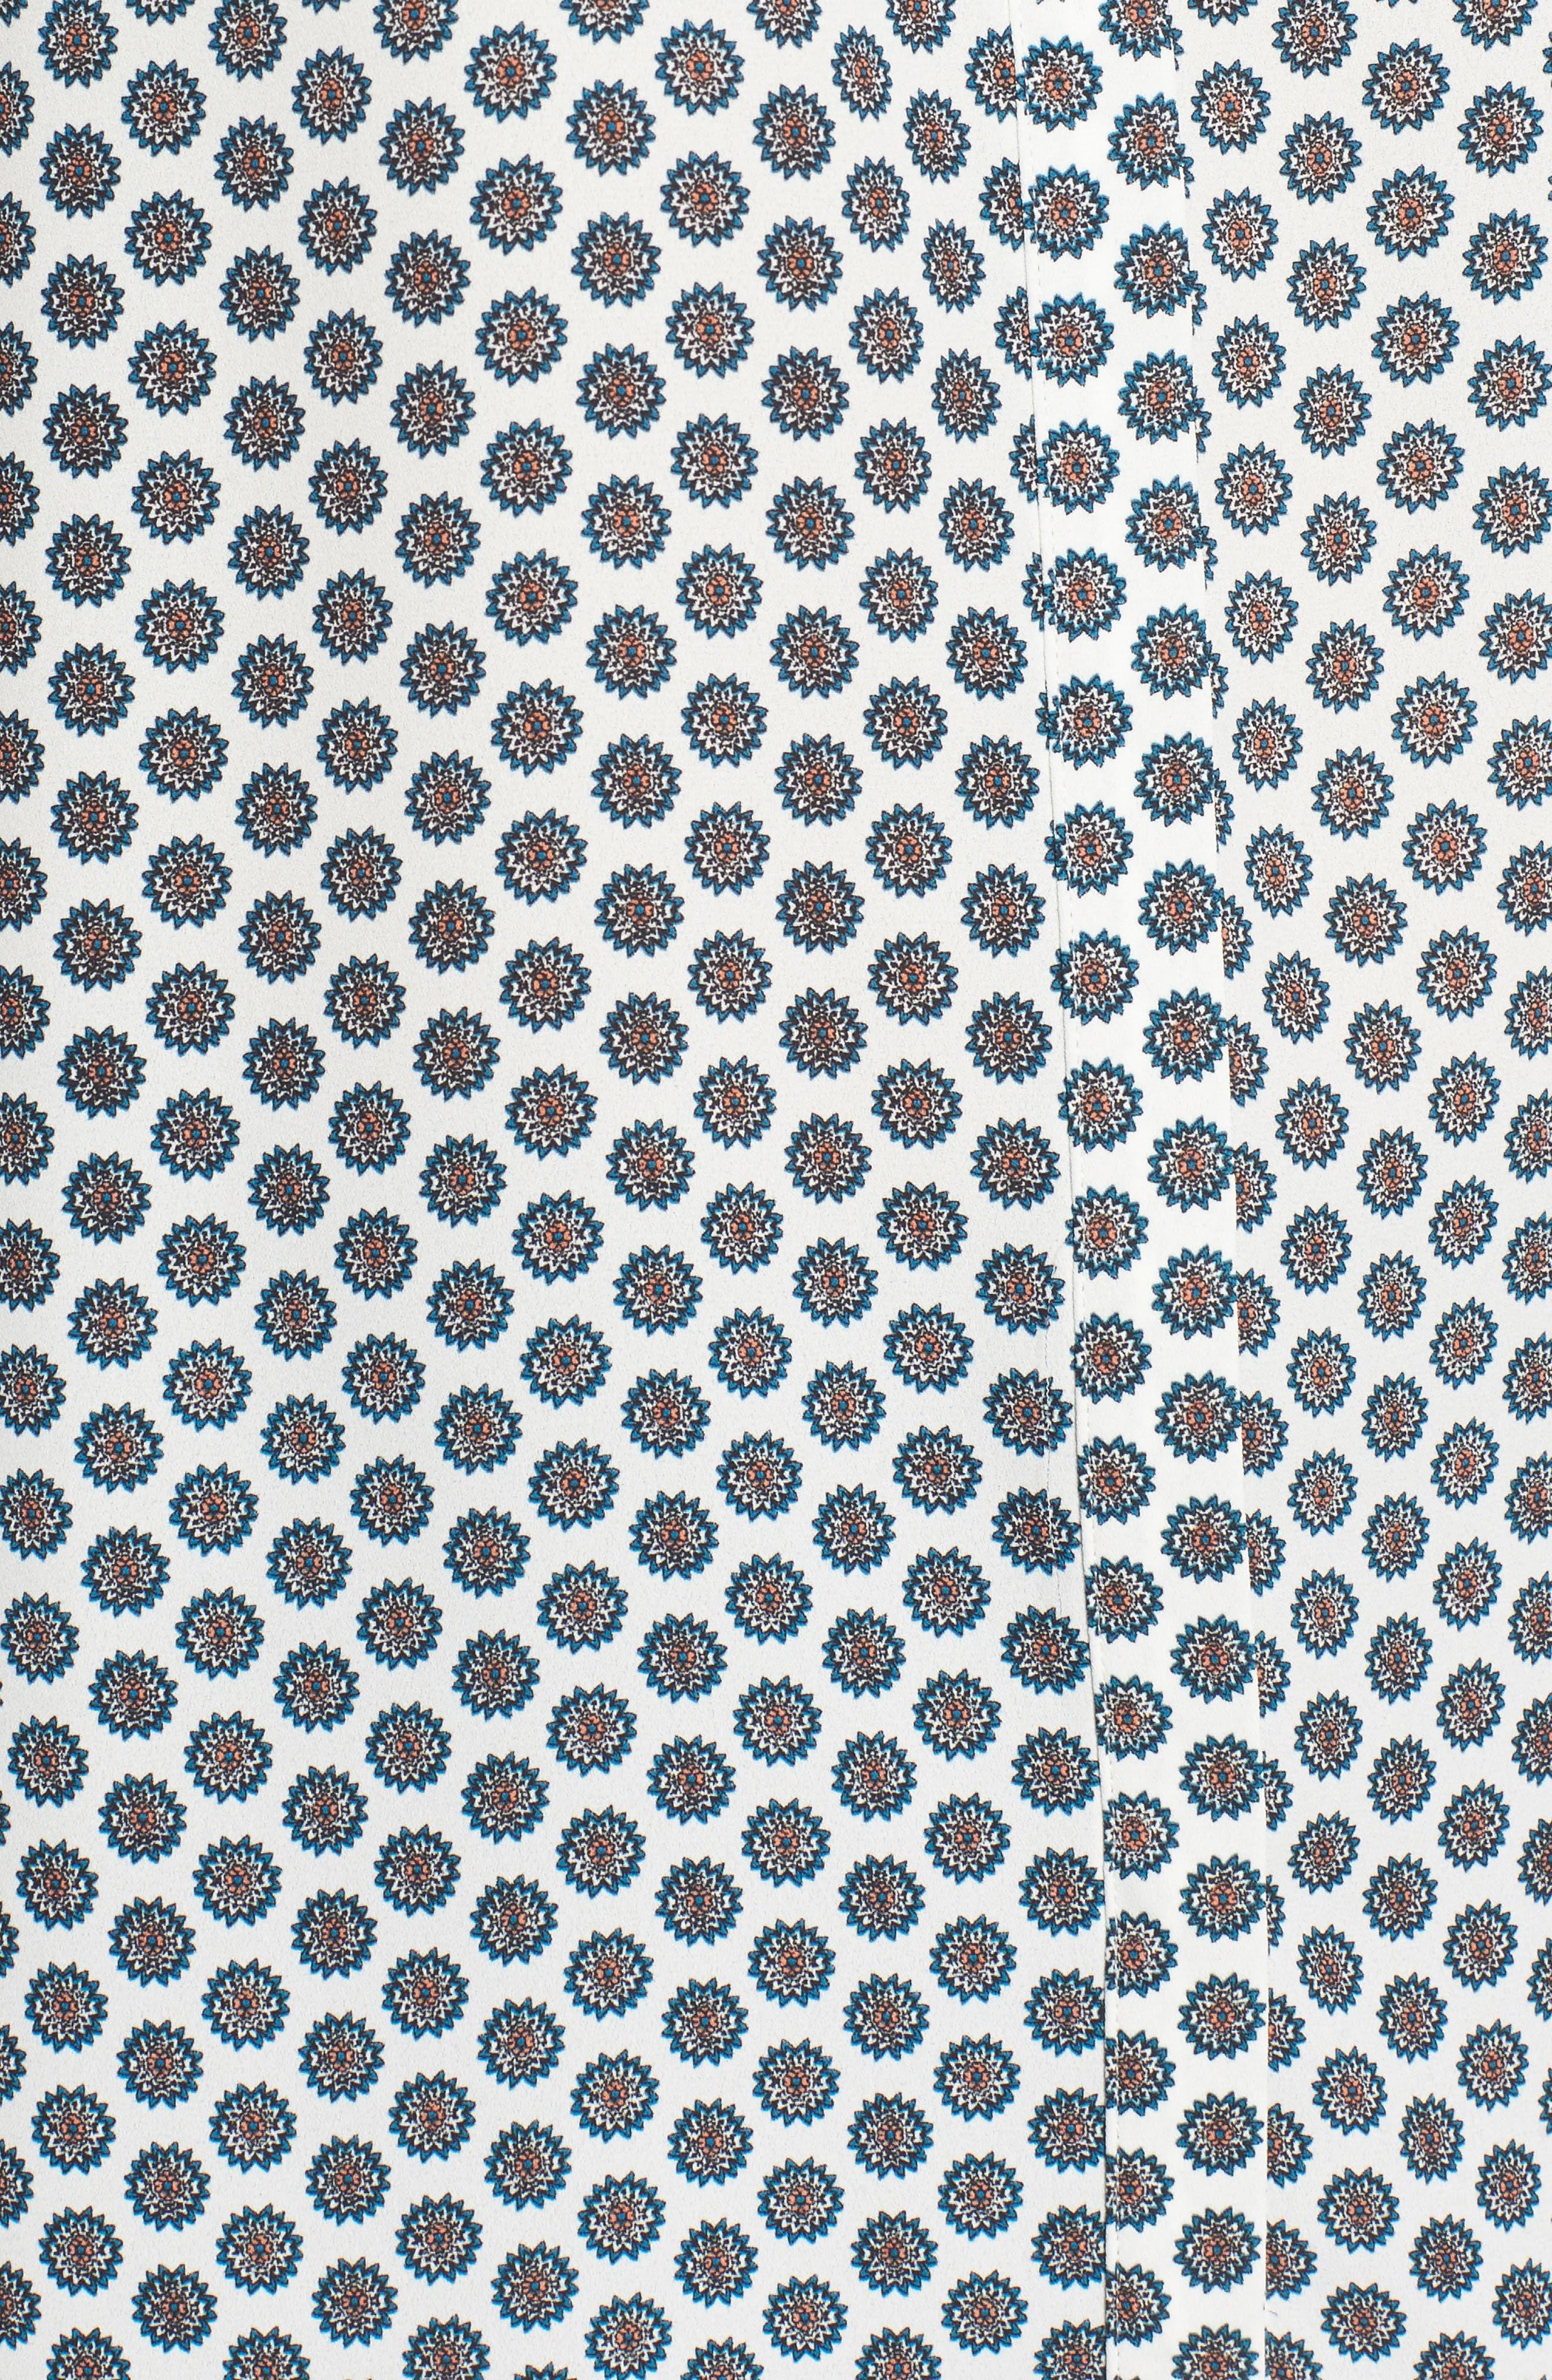 Pleat Back Sleeveless Split Neck Blouse,                             Alternate thumbnail 255, color,